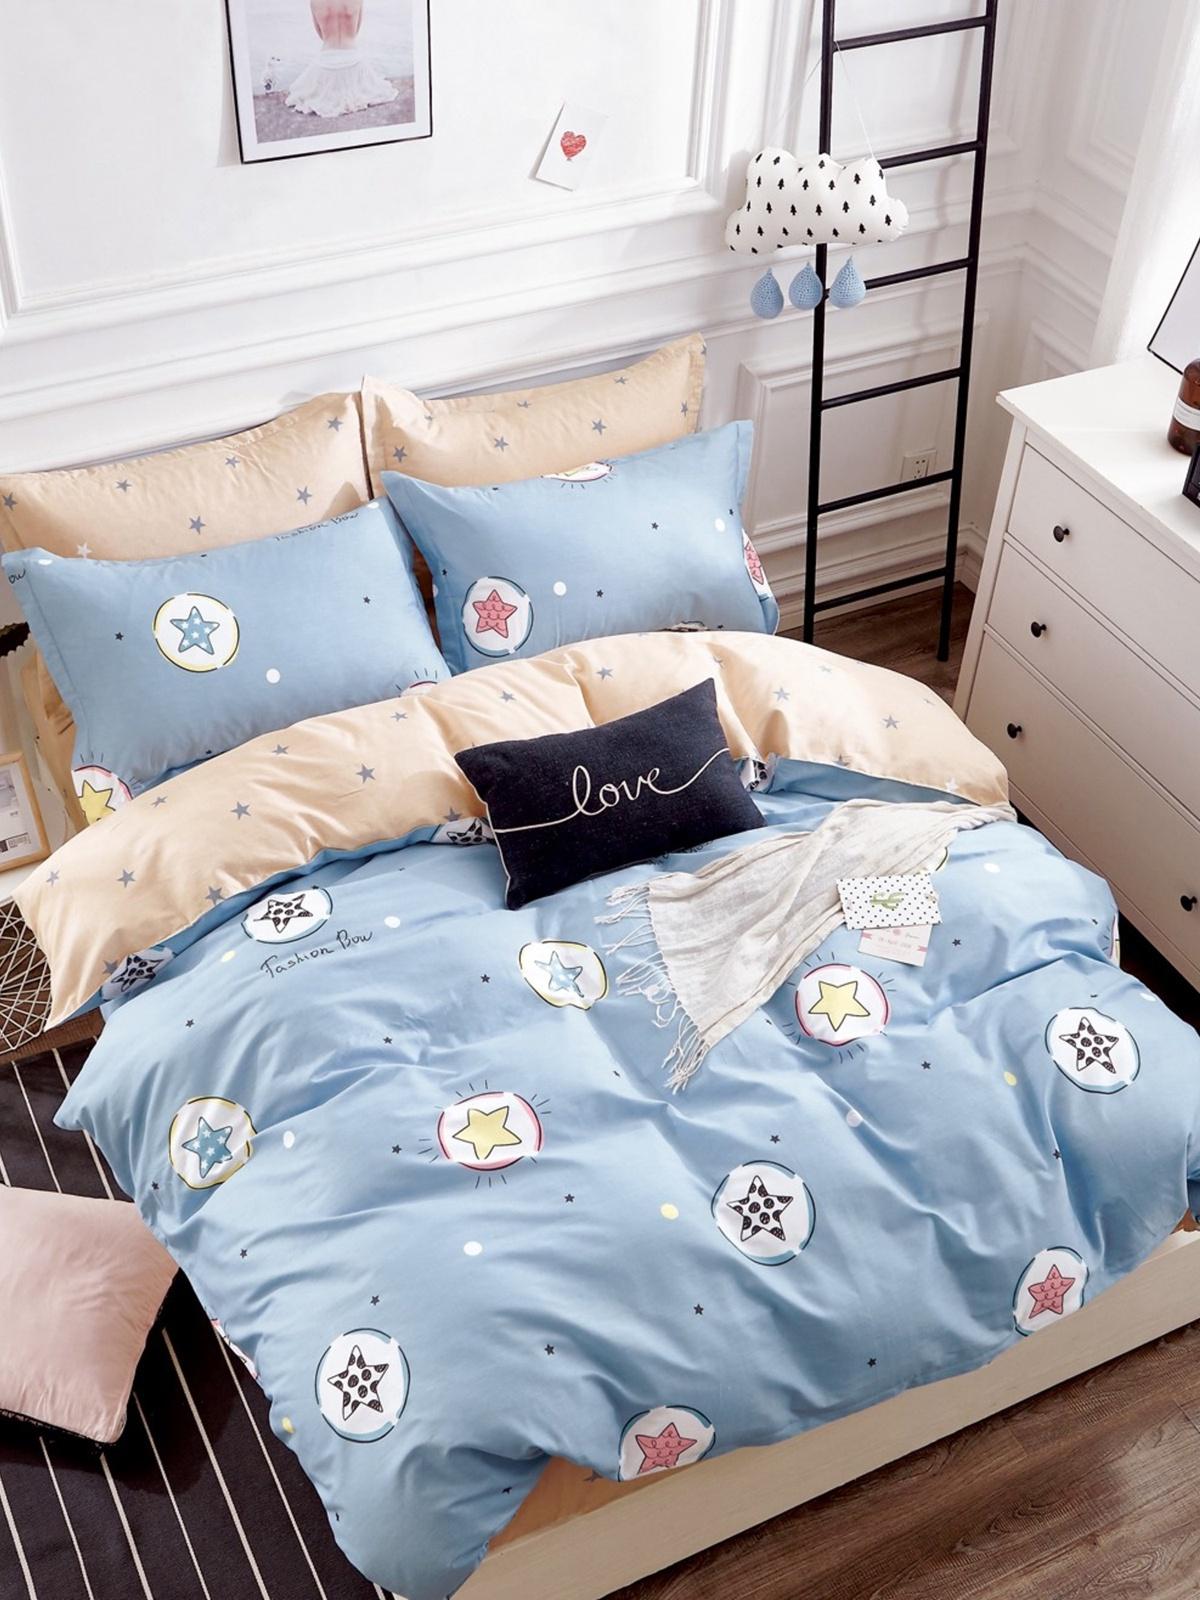 Комплект постельного белья Dream Time BLK-46-SP-428-1C постельное белье dream time blk 46 sp 337 1 2c 3 предмета